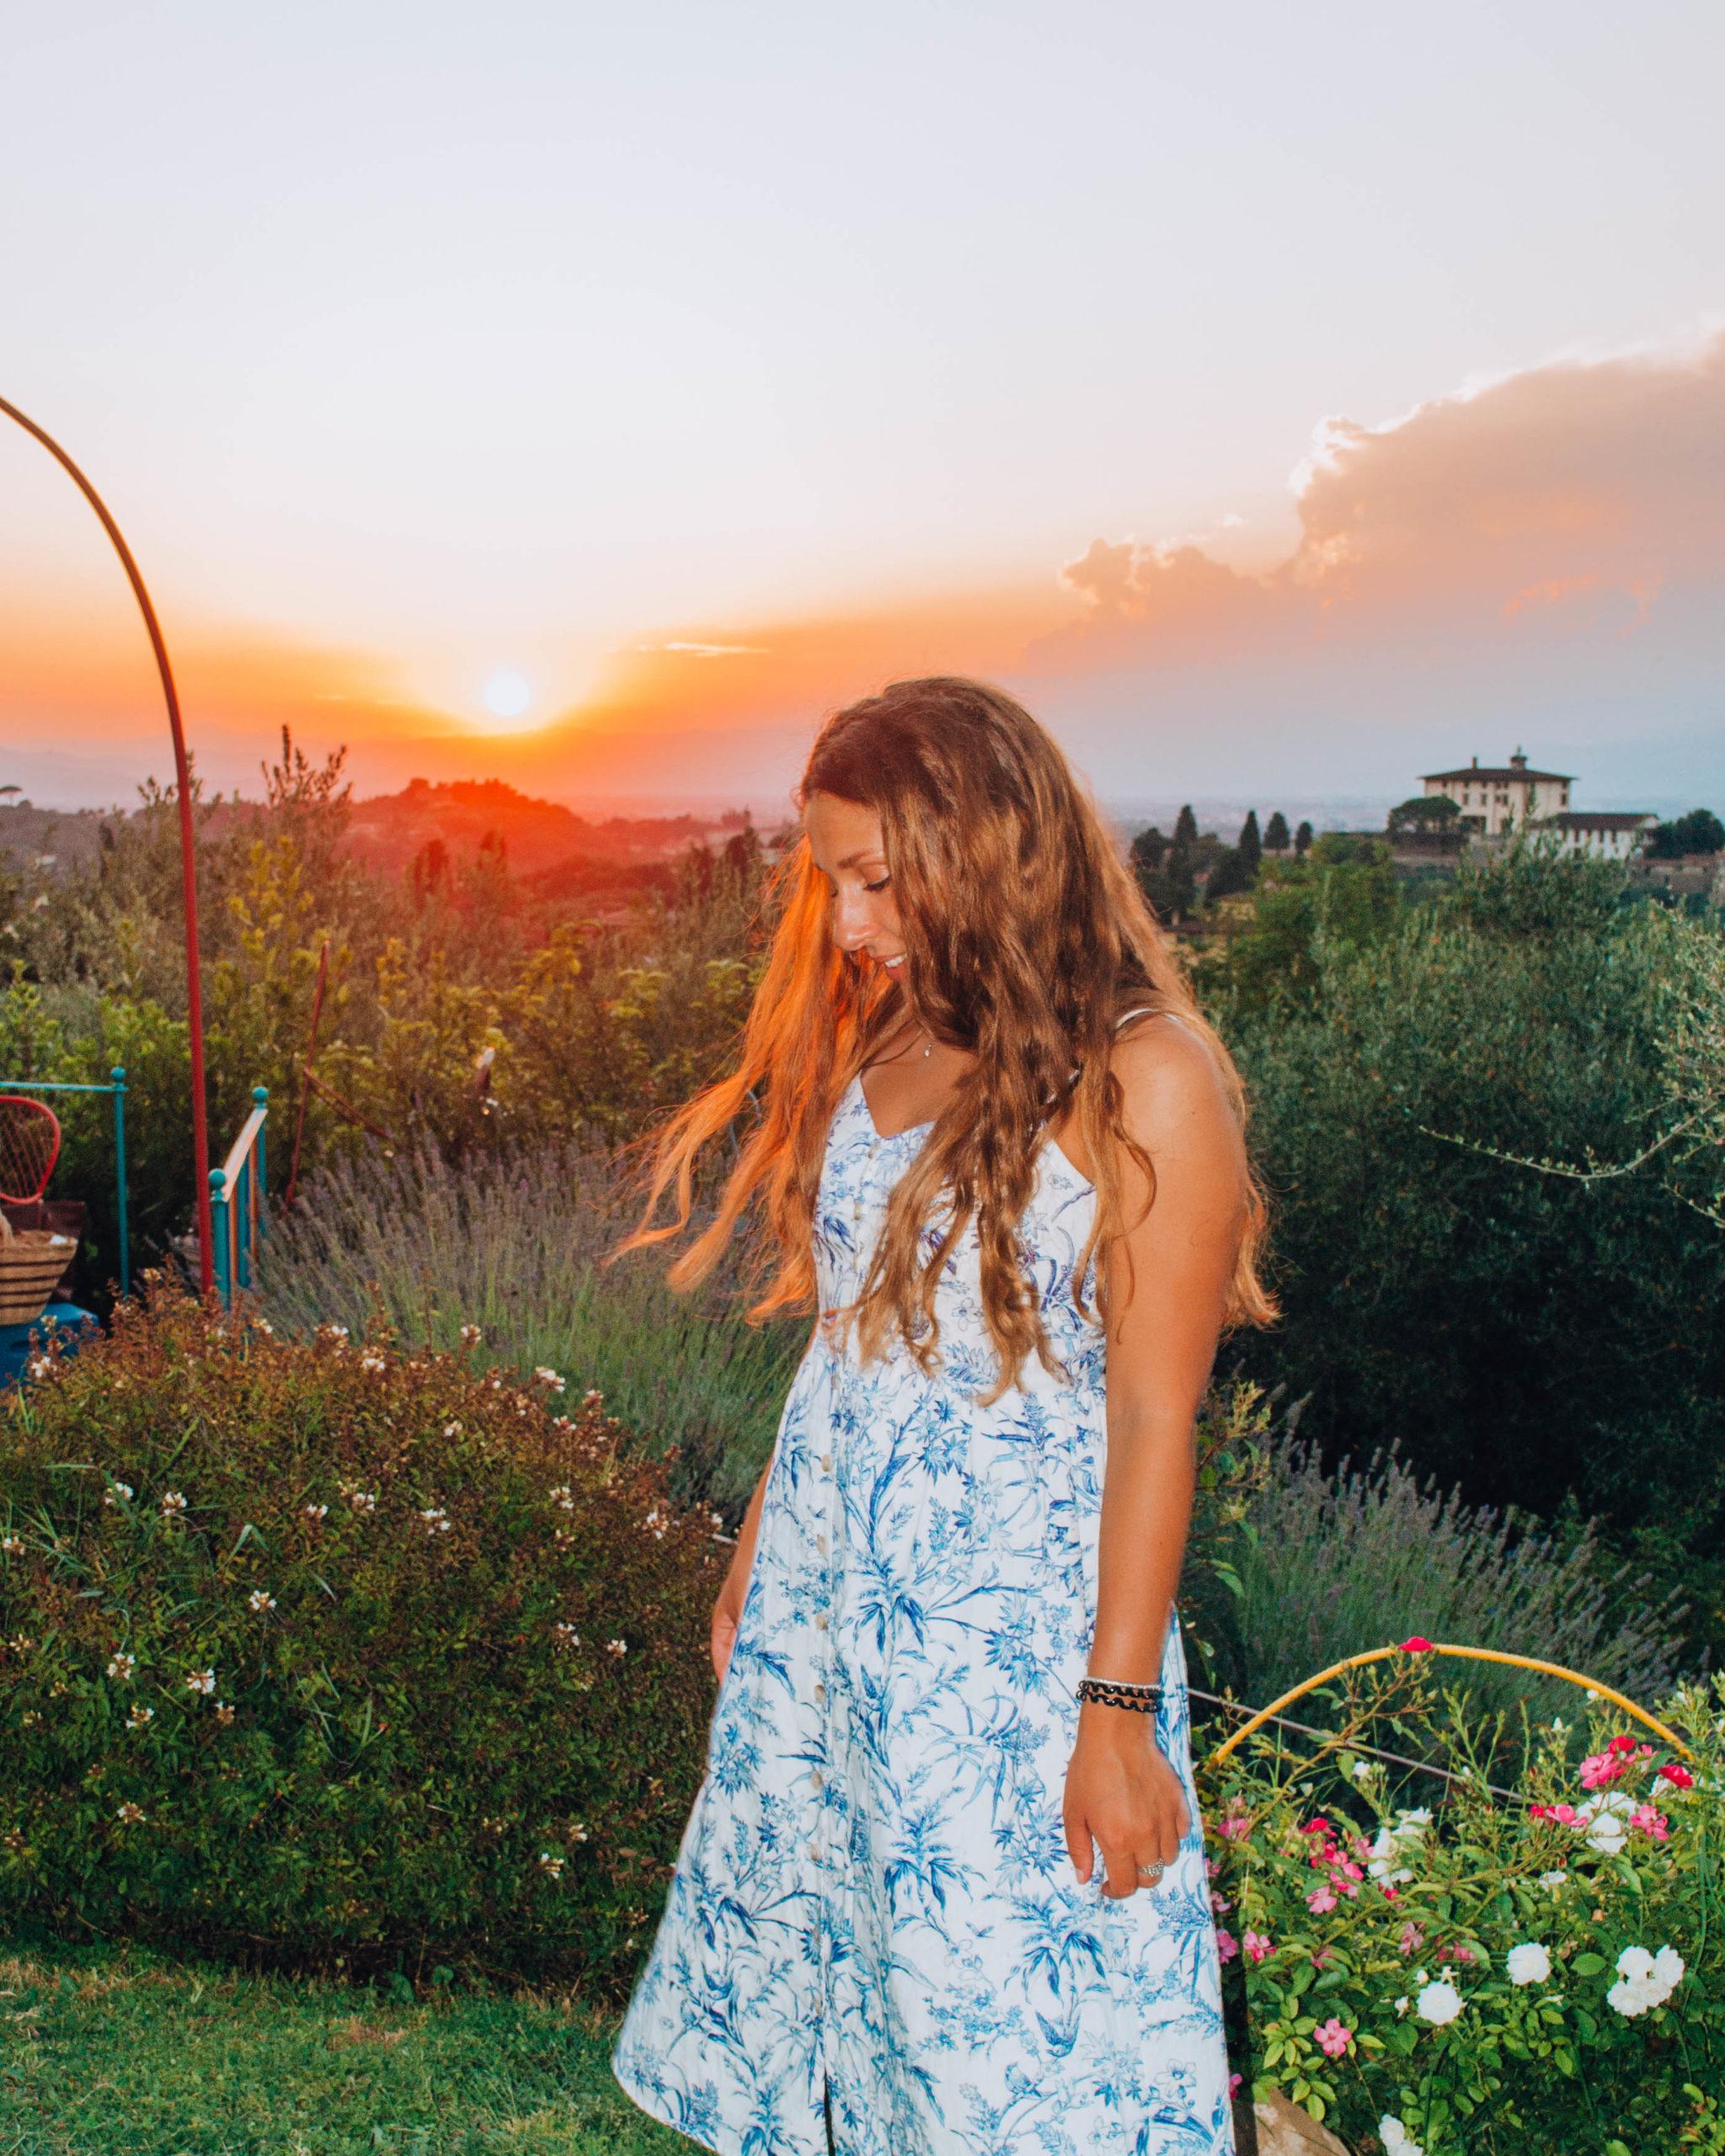 ragazza con vestito bianco distratta al tramonto